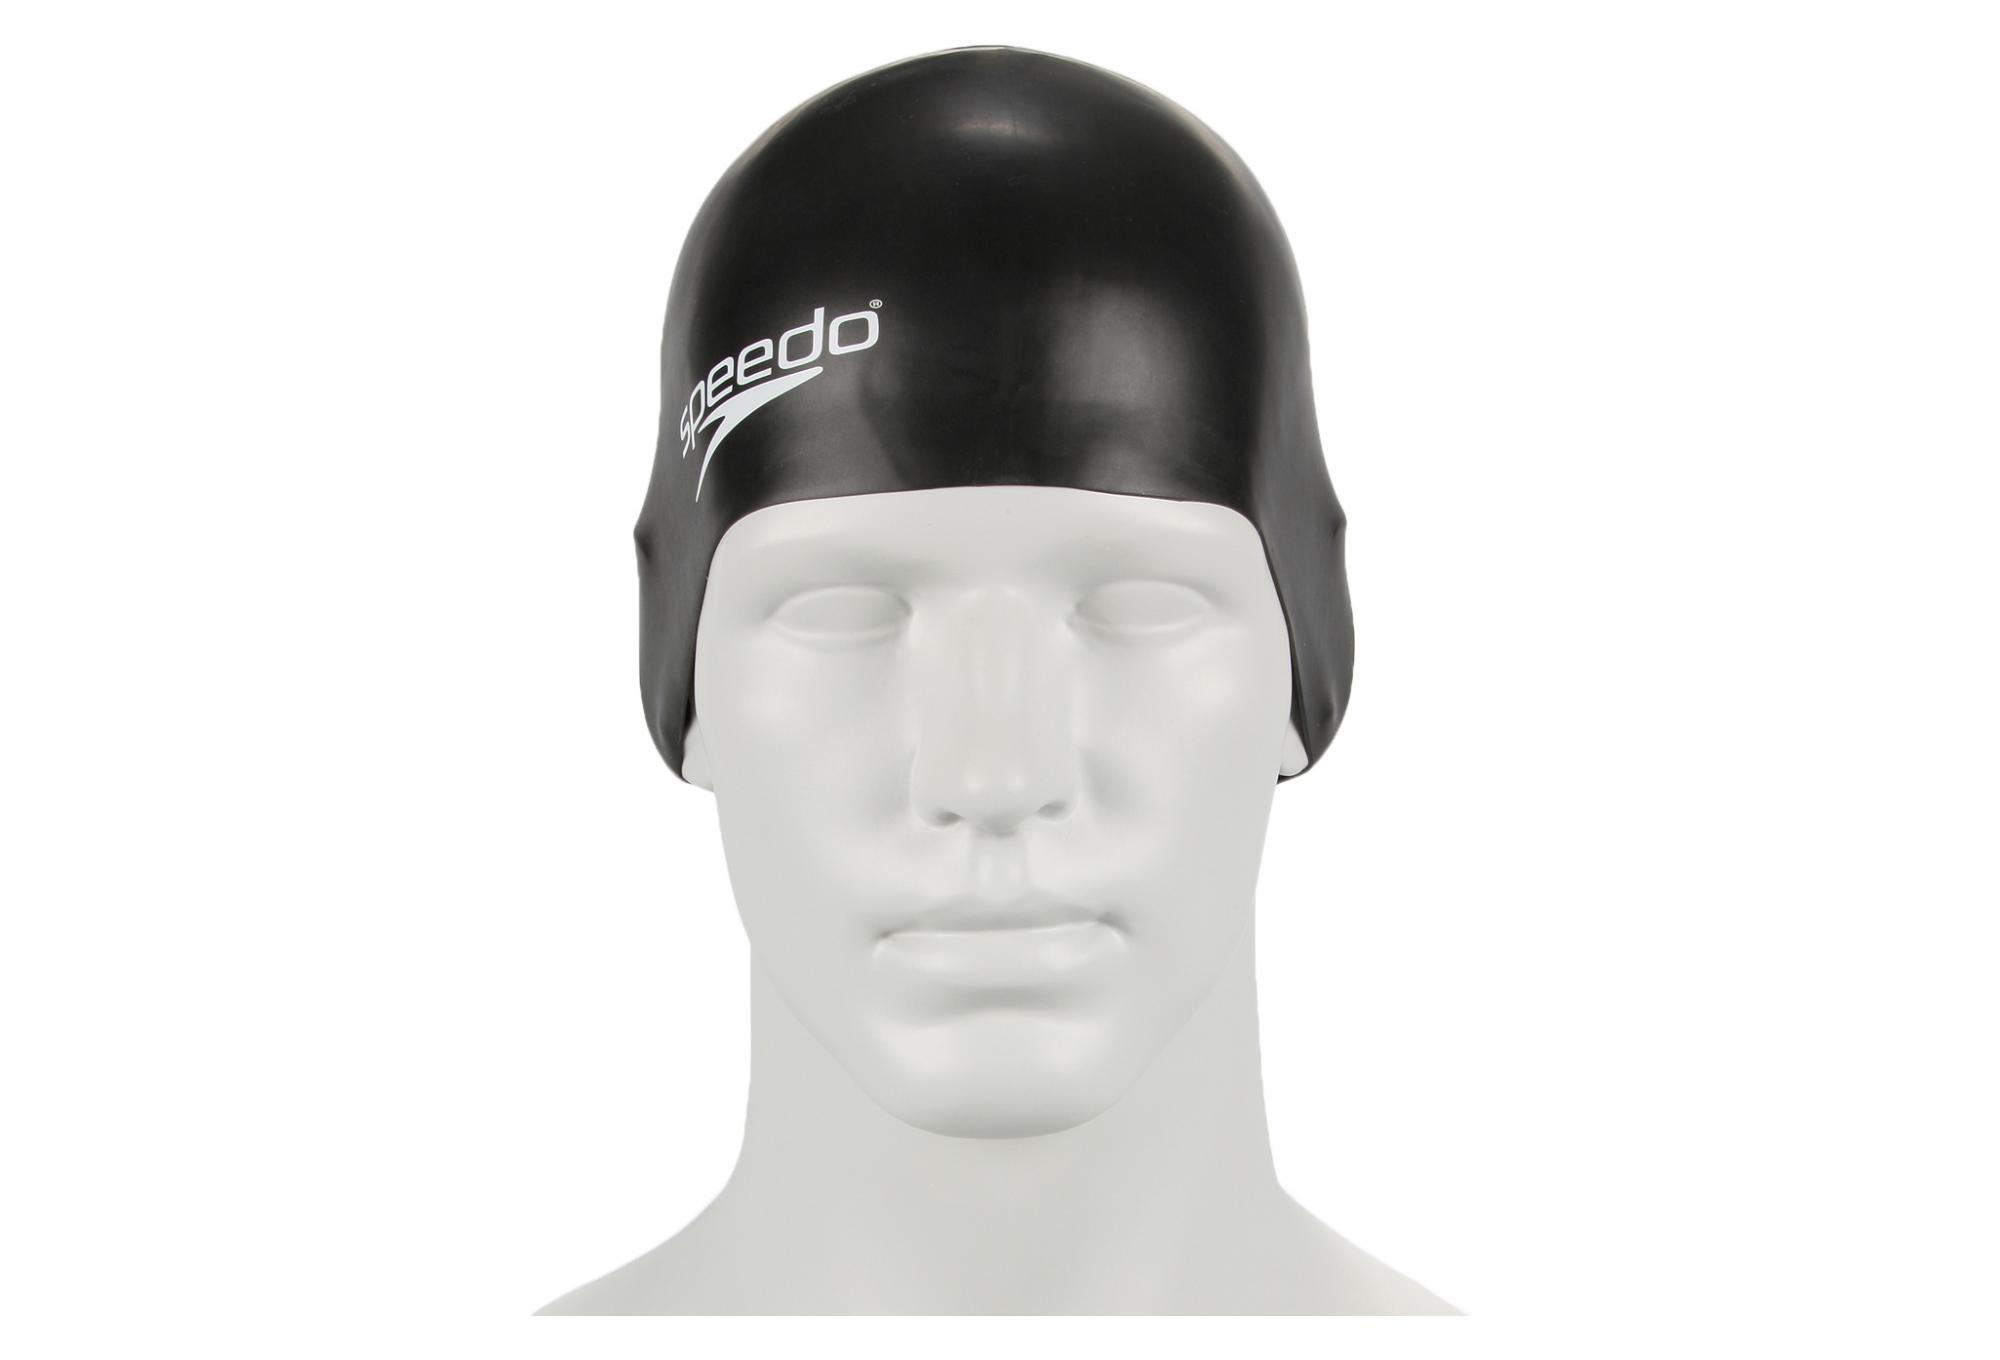 Black Speedo Silicone Moulded Junior Swimming Cap